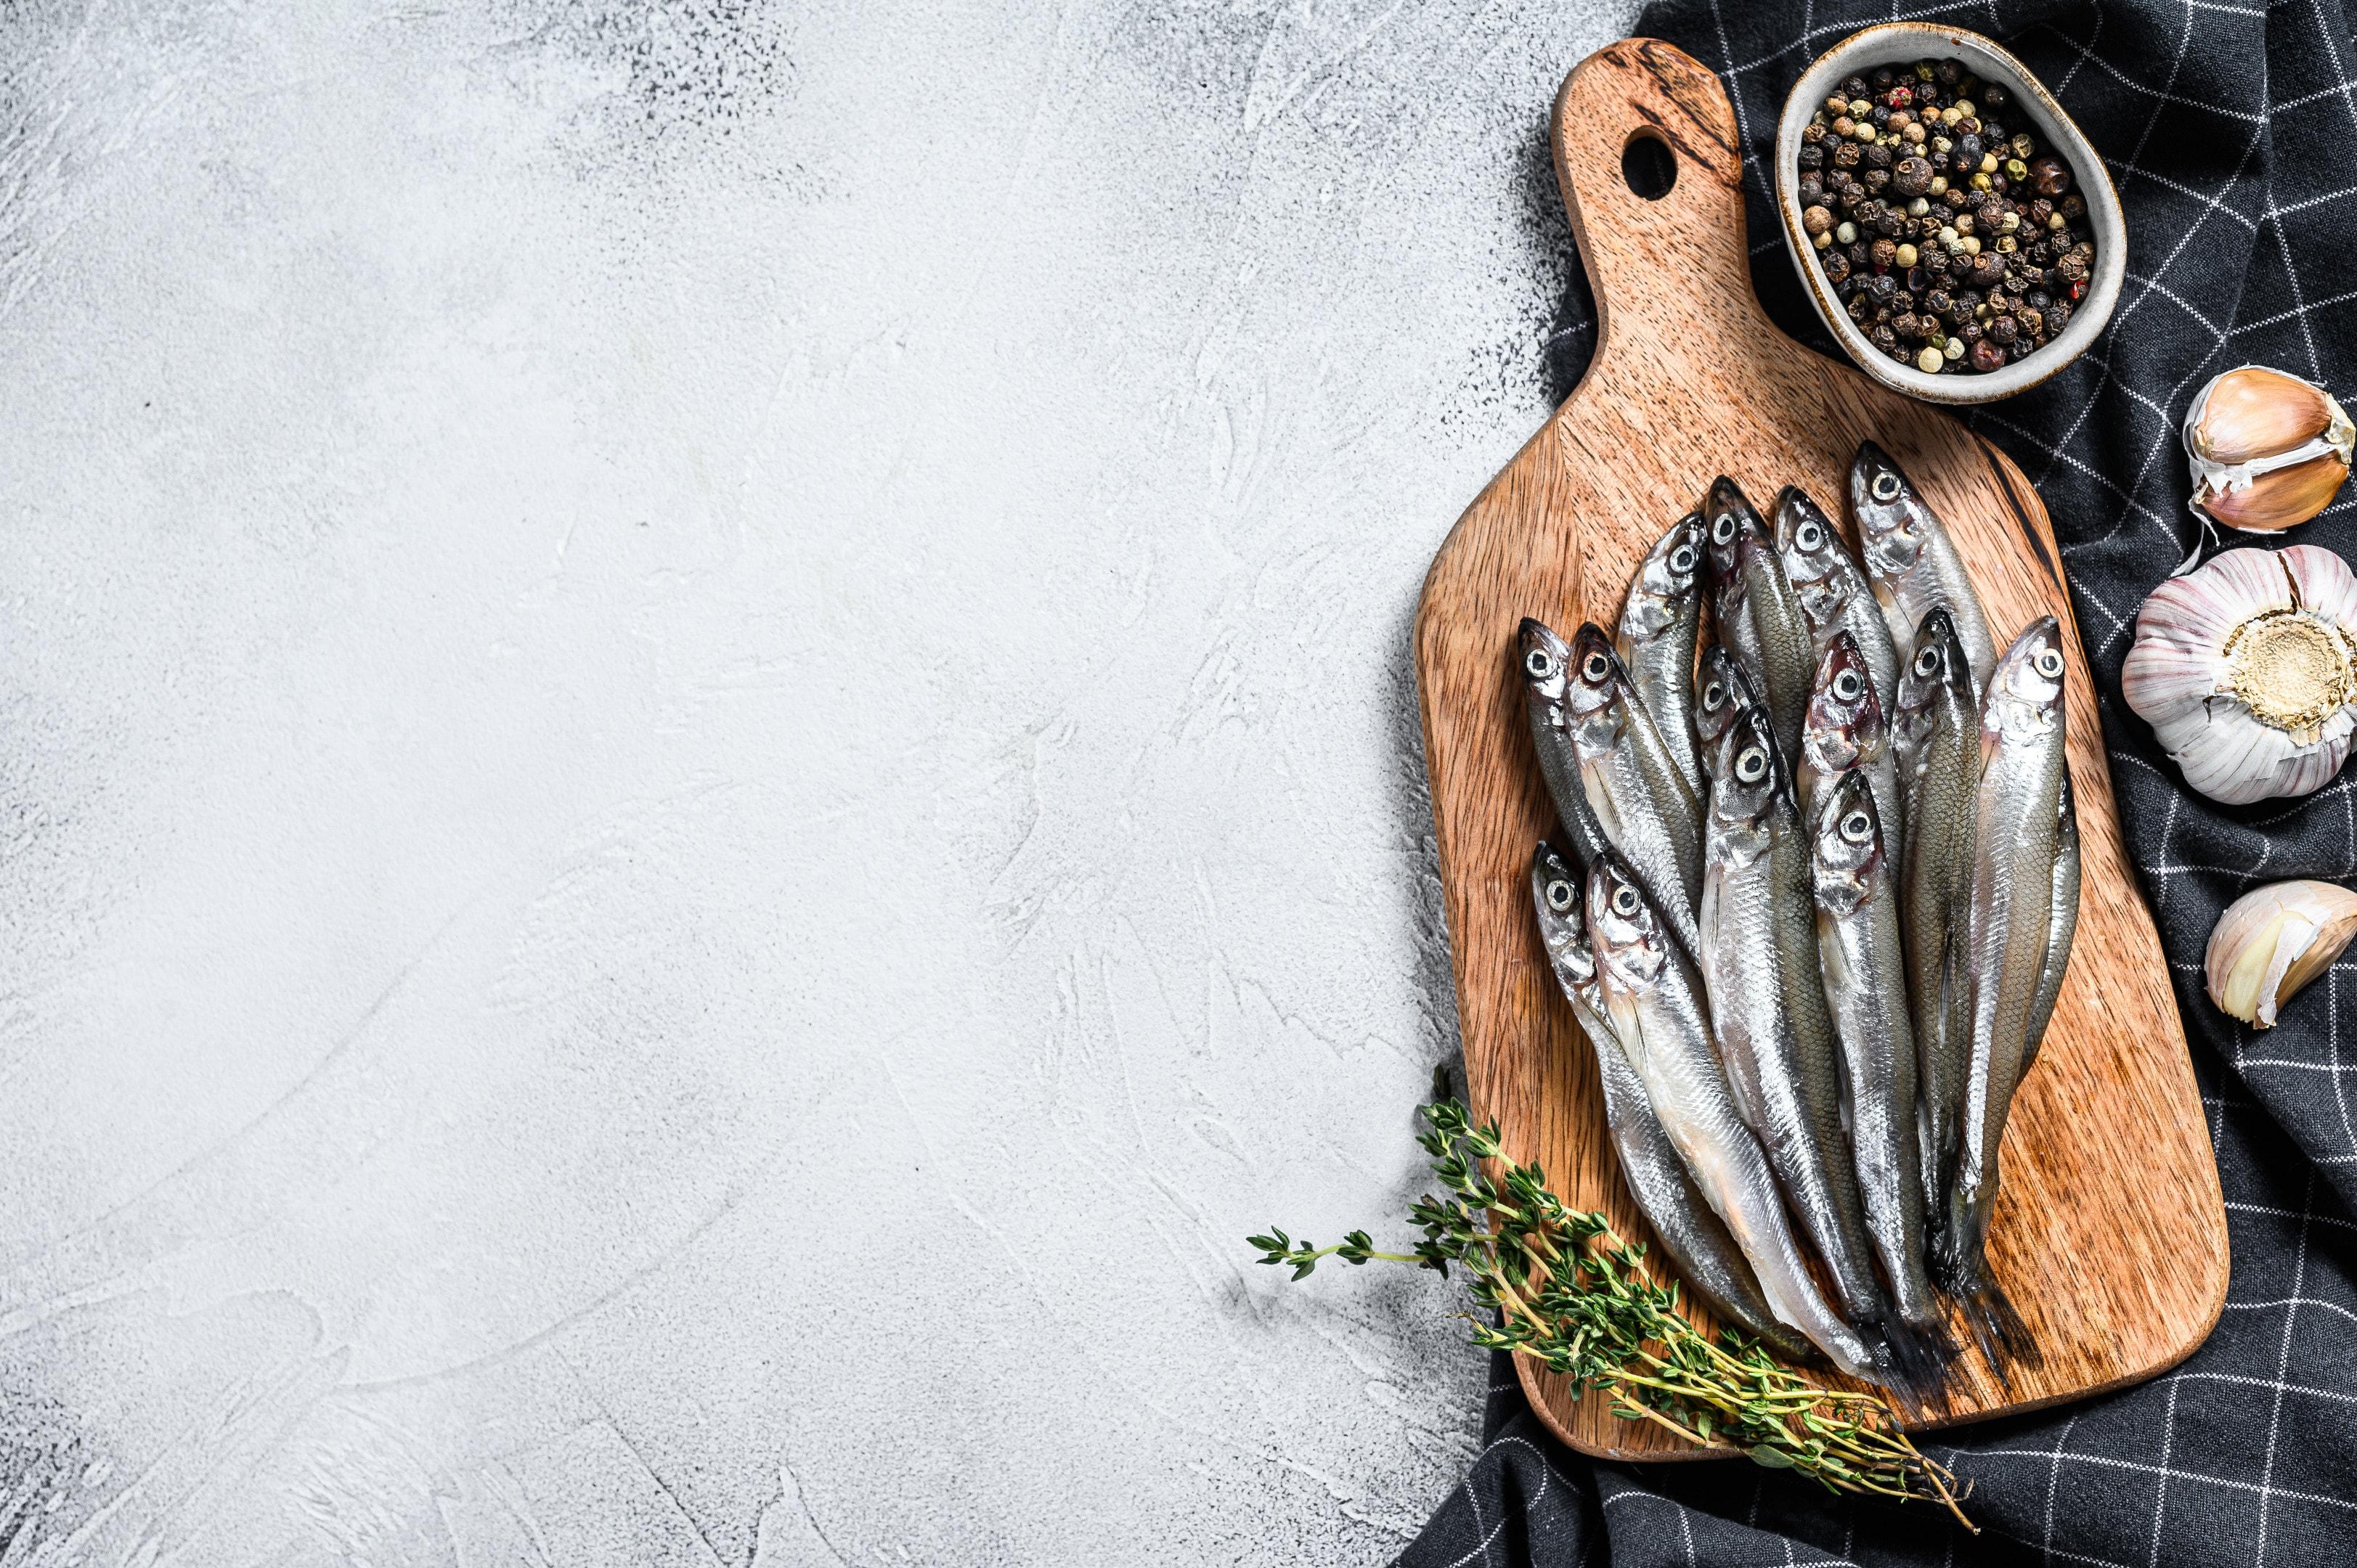 Raw fresh sardines on cutting board